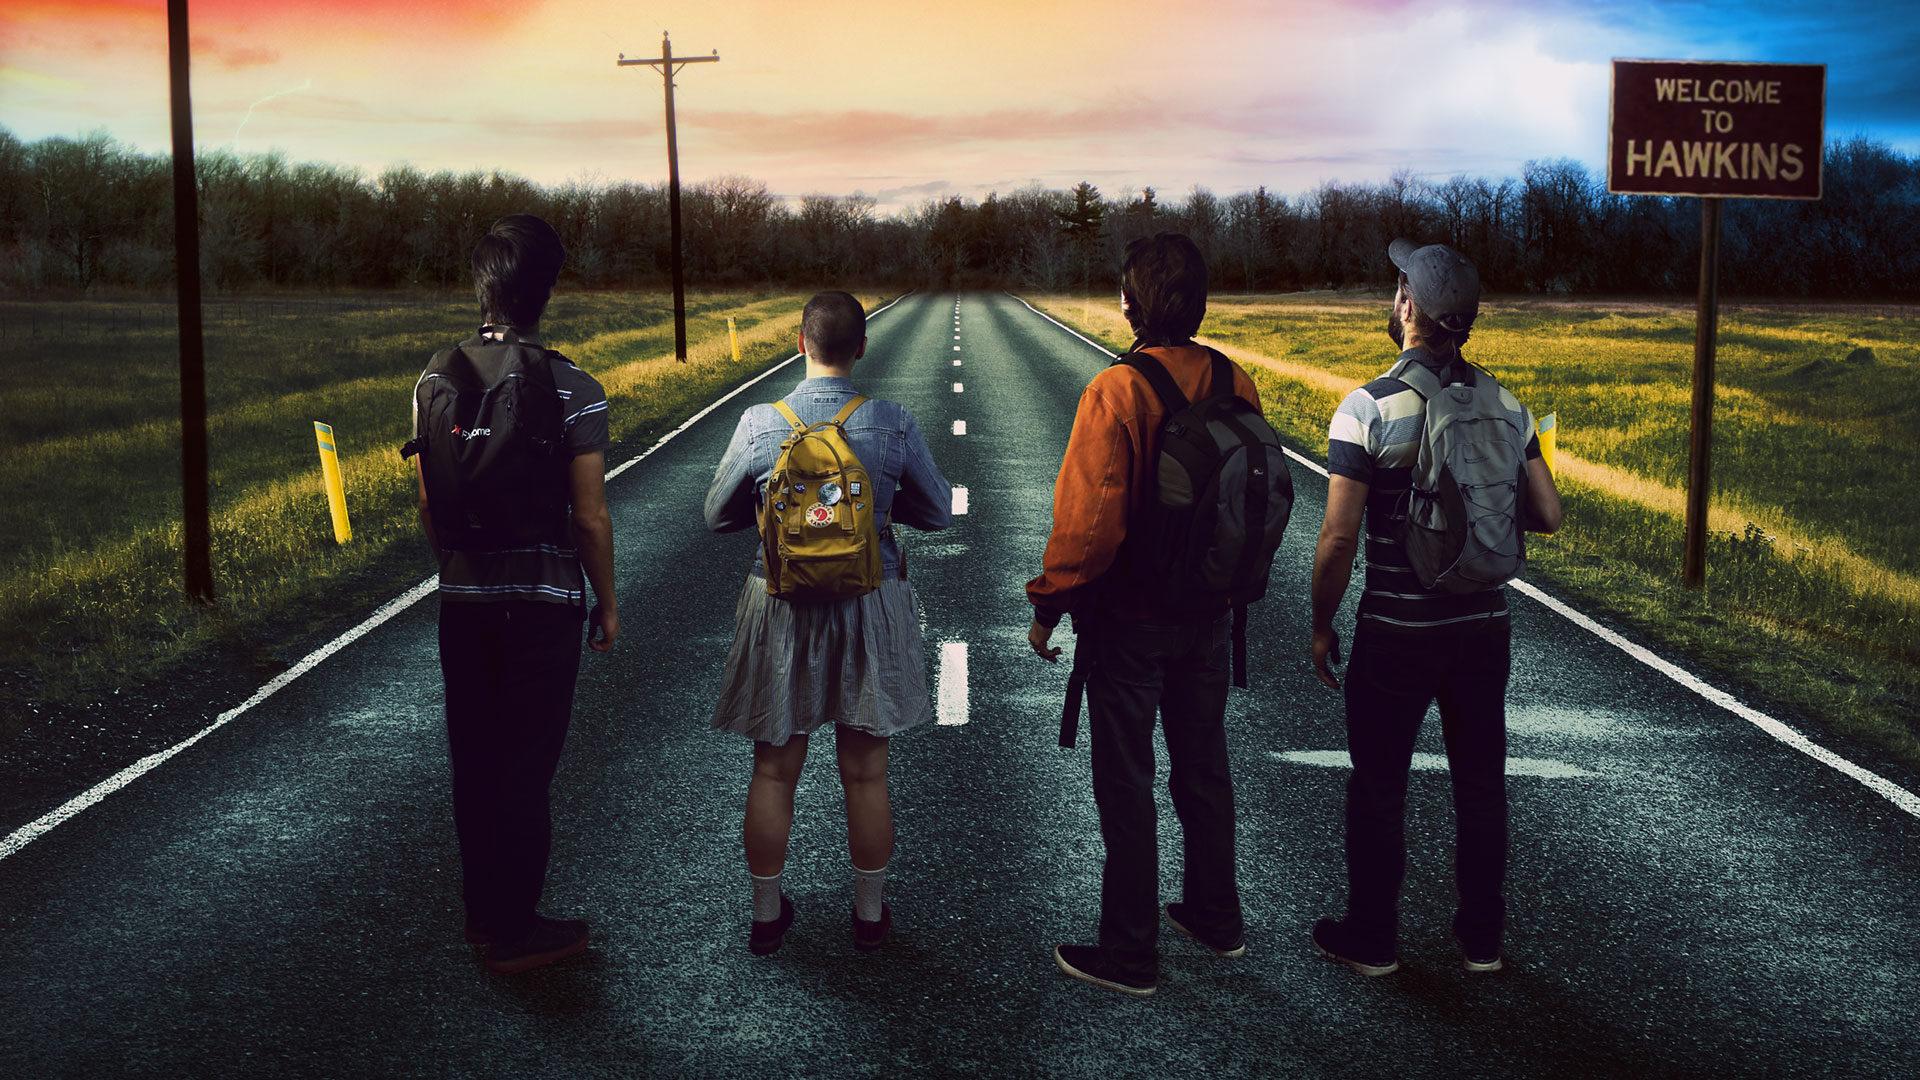 Stranger Things-inspired poster - Imerge Pro 4 Blog